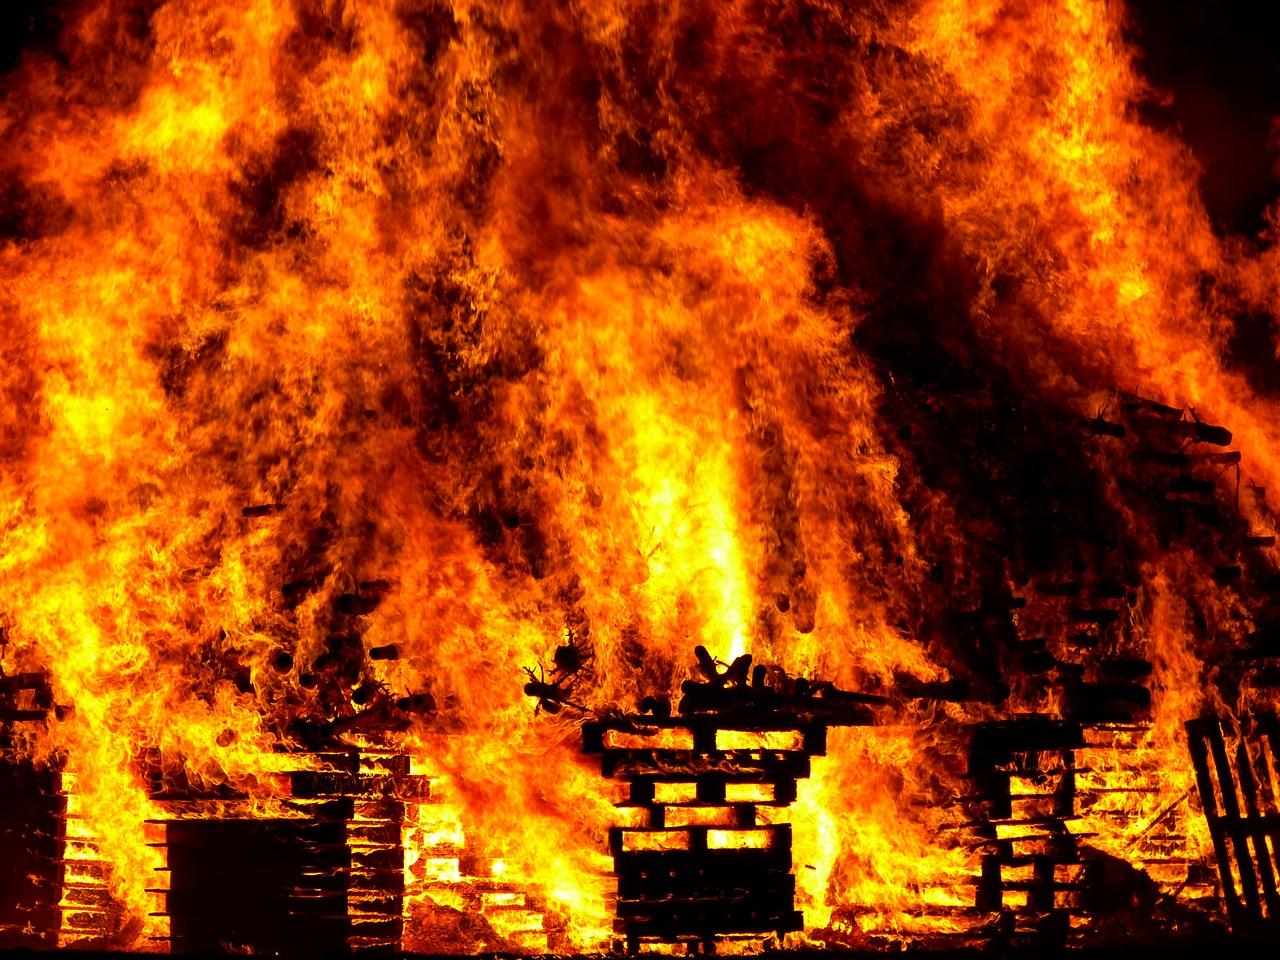 経験したから分かった火災に遭った時の防衛策